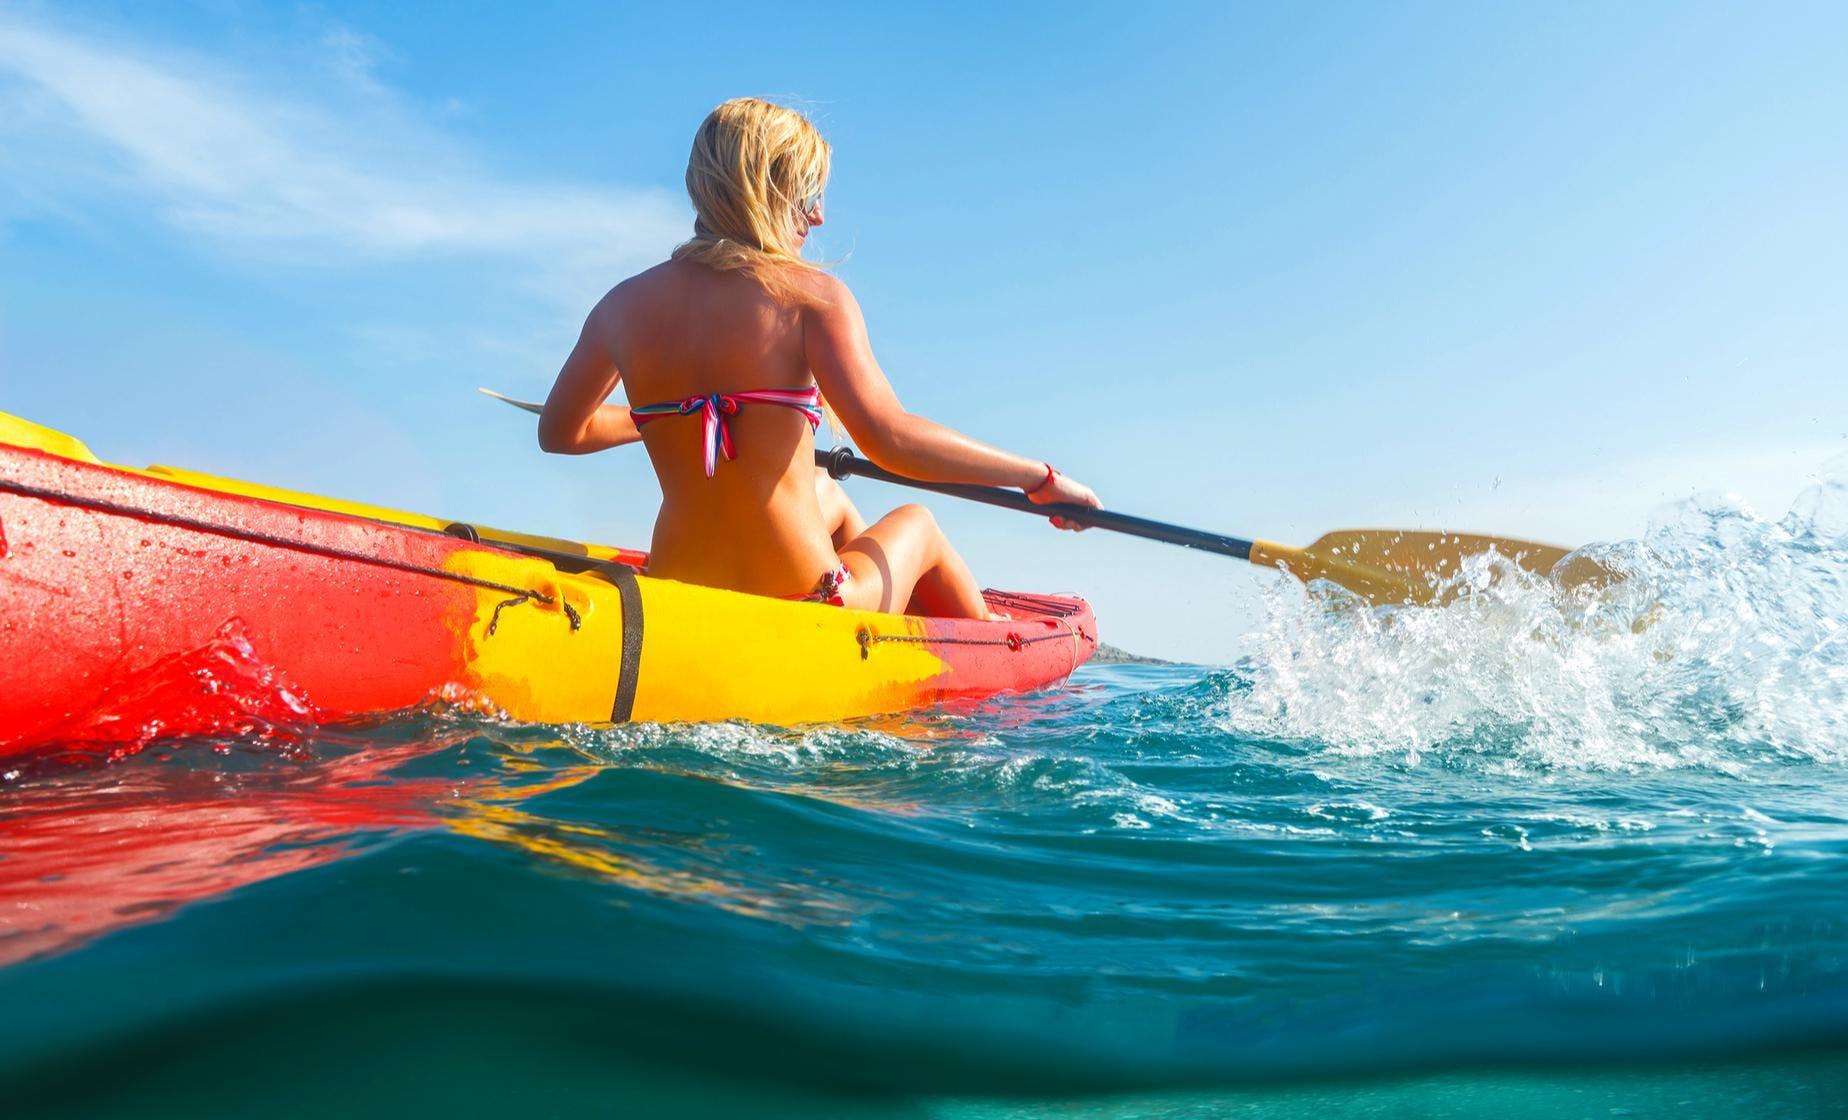 Kayak Adventure on Indian River Lagoon